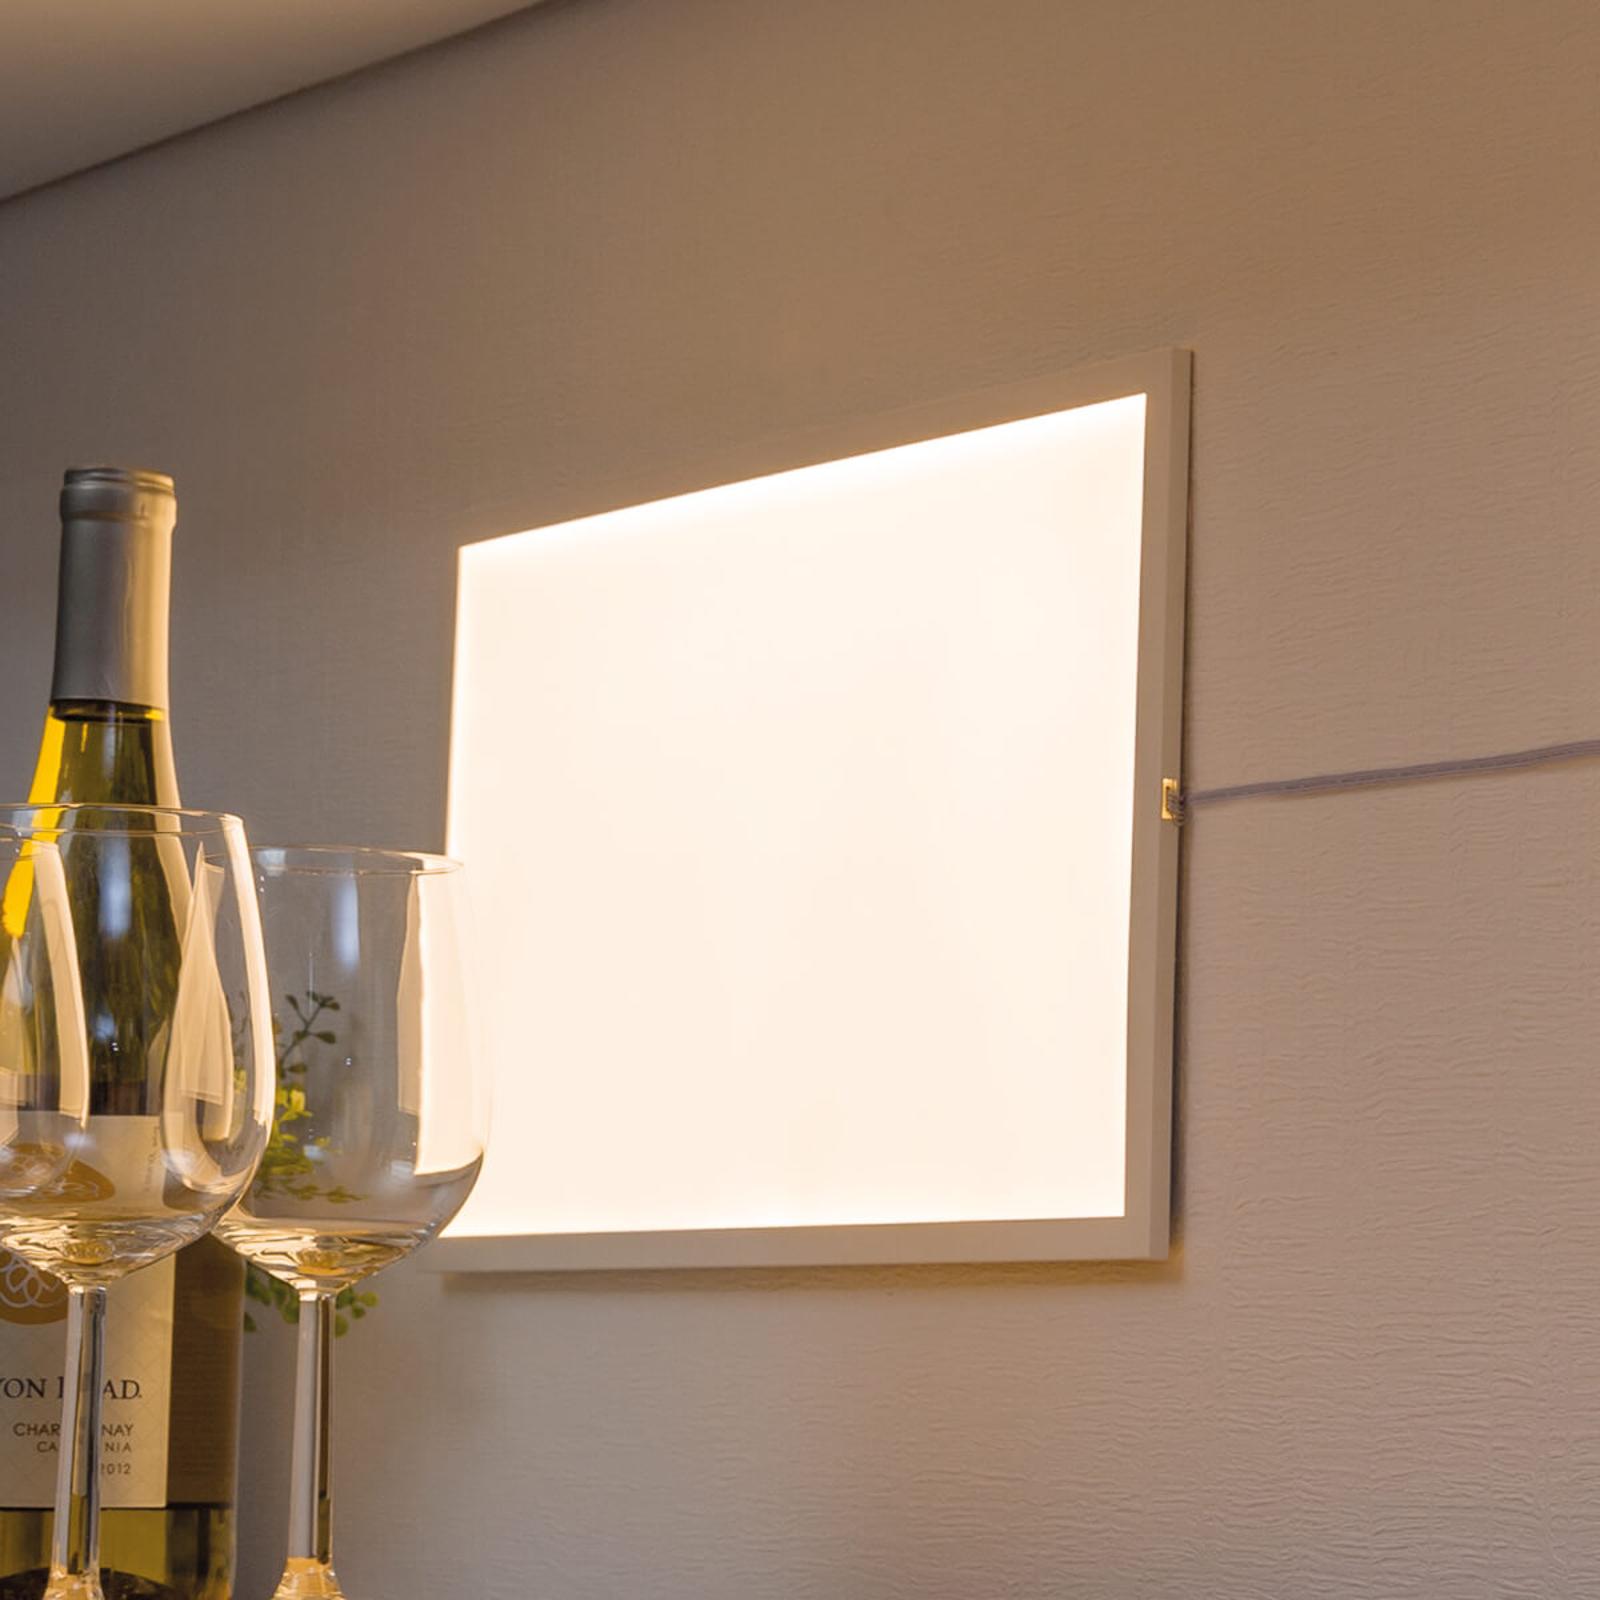 Panneau LED d'extension ultra-plat Glow